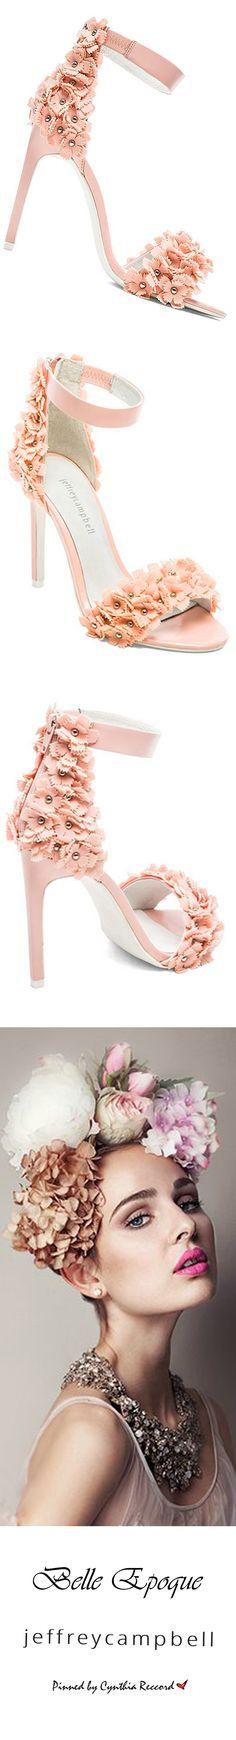 ✦ The Socialite's Shoes {a peak into Ms. Socialite's shoe closet. Please don't drool} ✦ Trend Belle Epoque                                                                                                                                                                                 Más